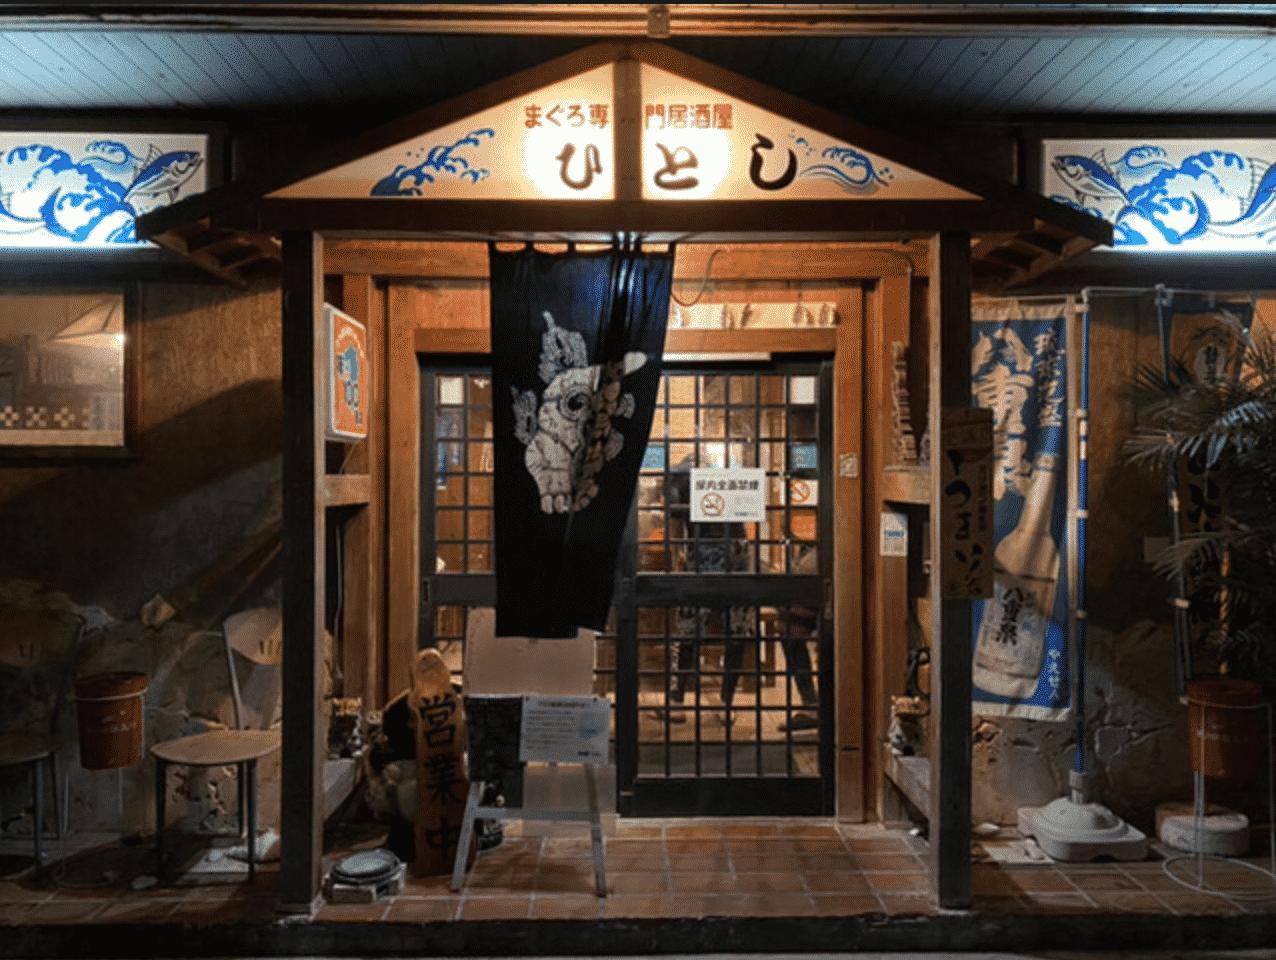 石垣島 レストラン居酒屋 ひとし